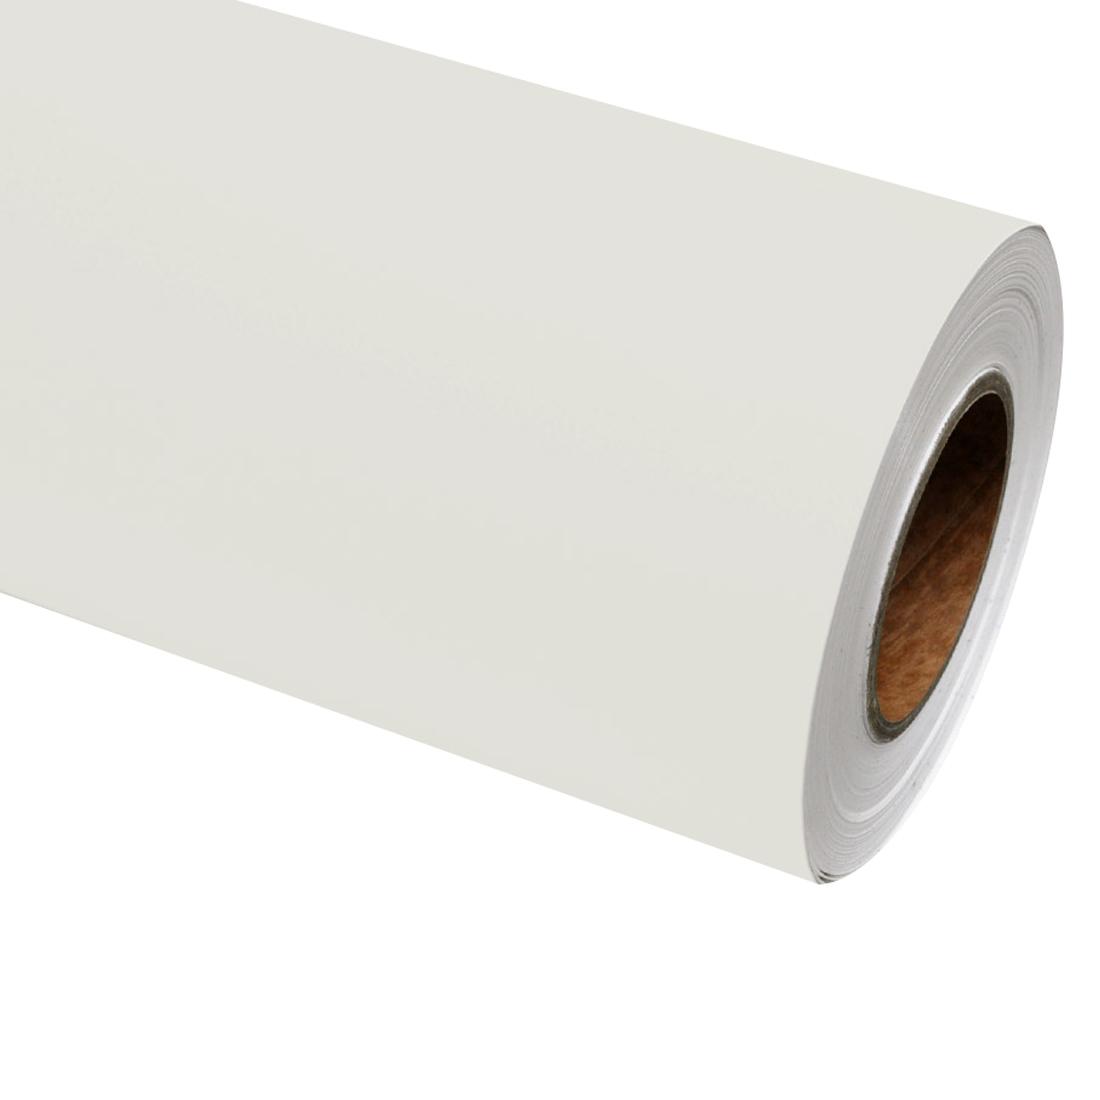 데코리아 현대인테리어 에어프리 생활방수 접착식 단색 컬러 시트지 필름, SL589 아이보리 화이트